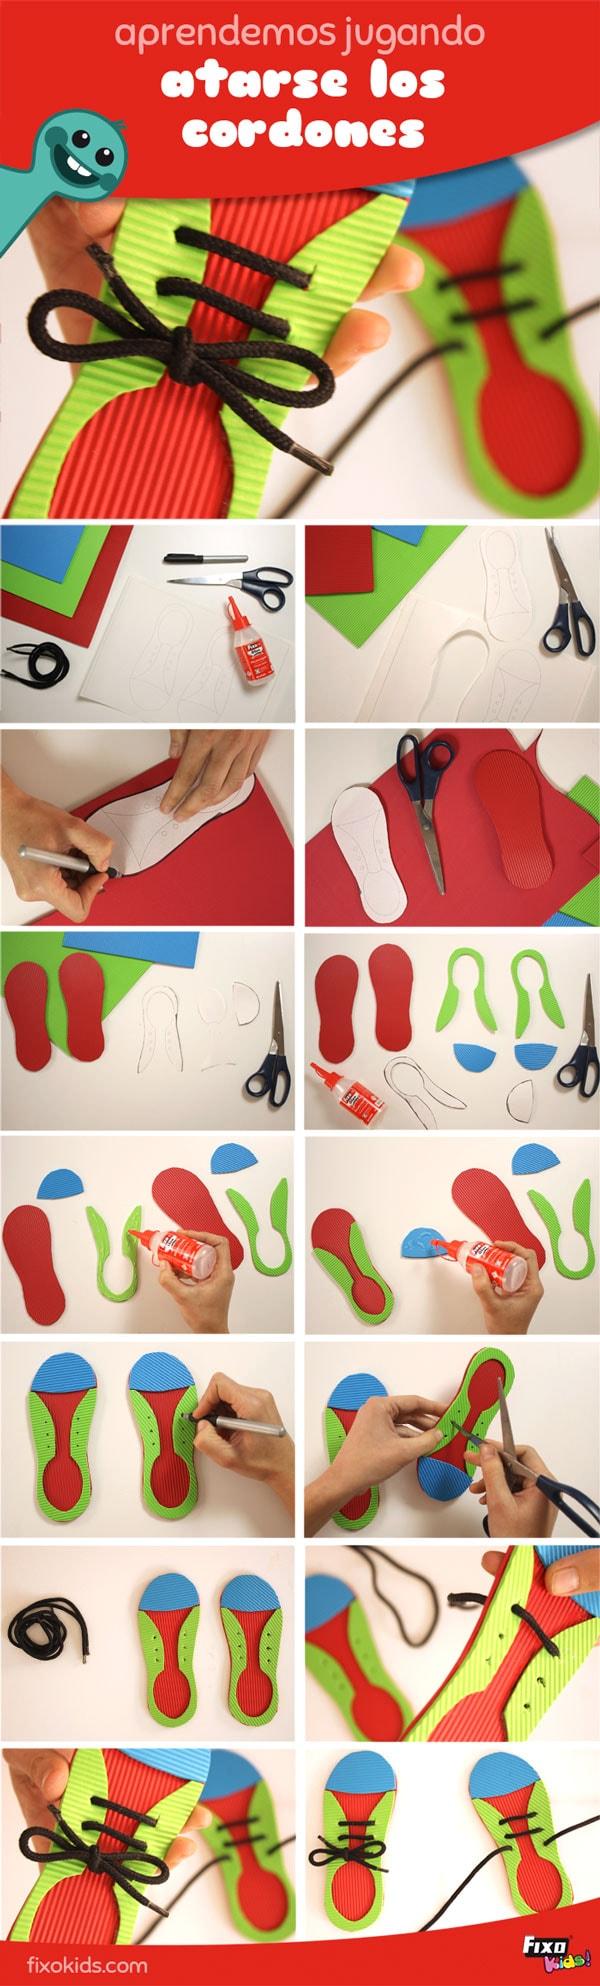 Tutorial para enseñar a niños a atarse los cordones